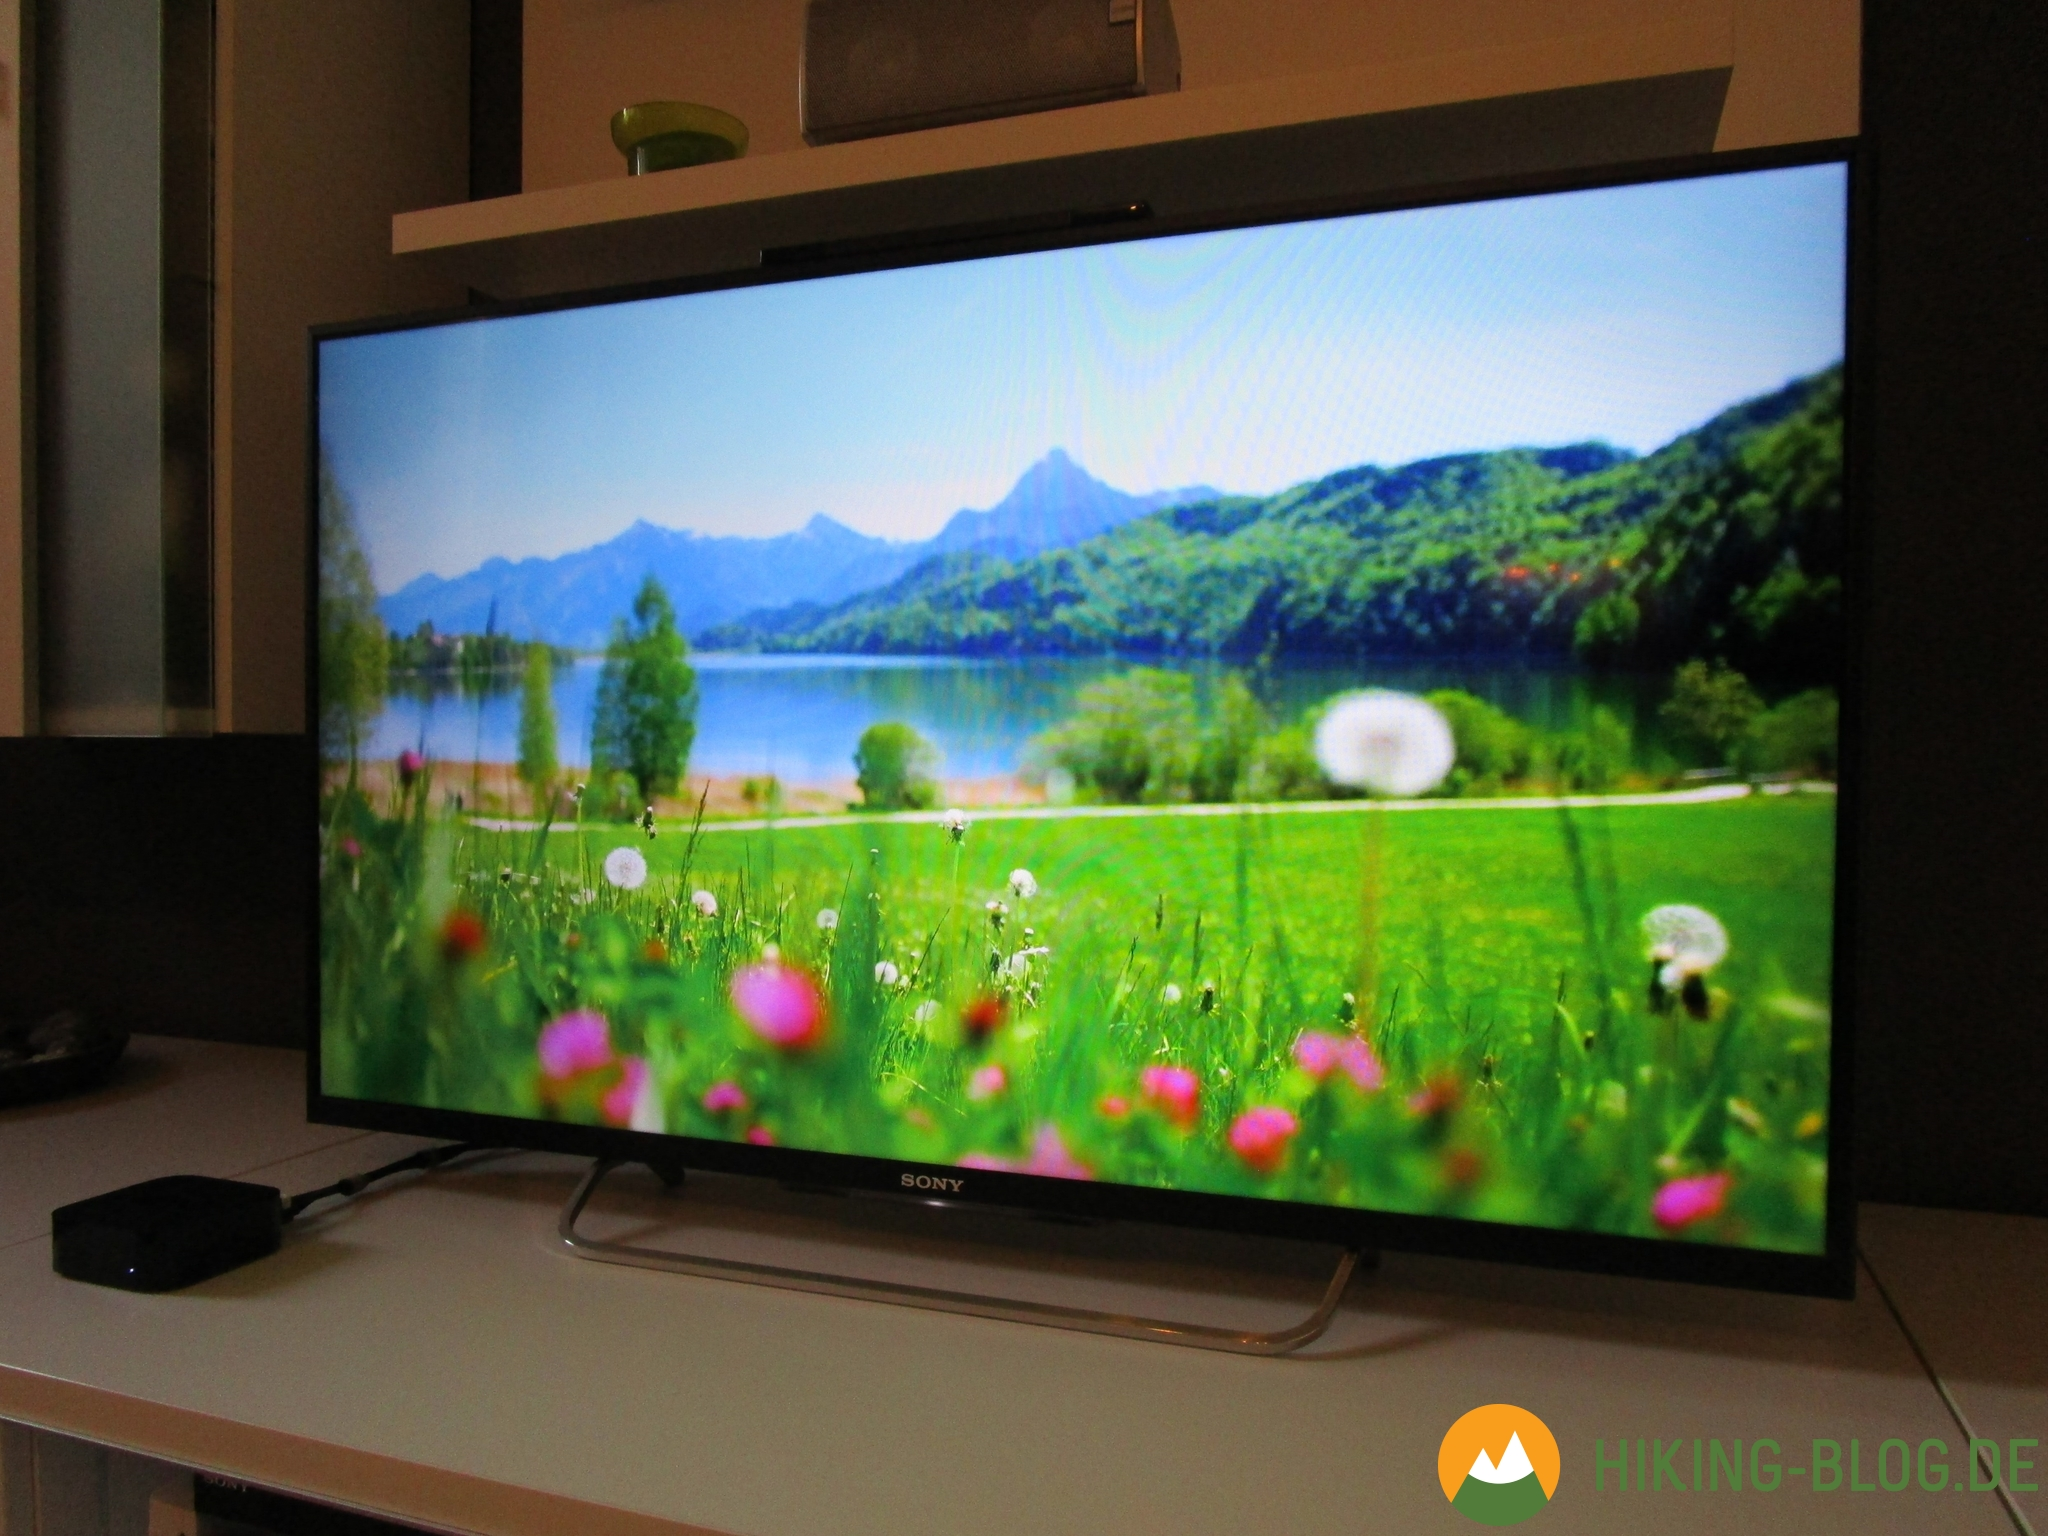 Hol Dir mit Apple TV 4 das Outdoor Feeling ins Wohnzimmer